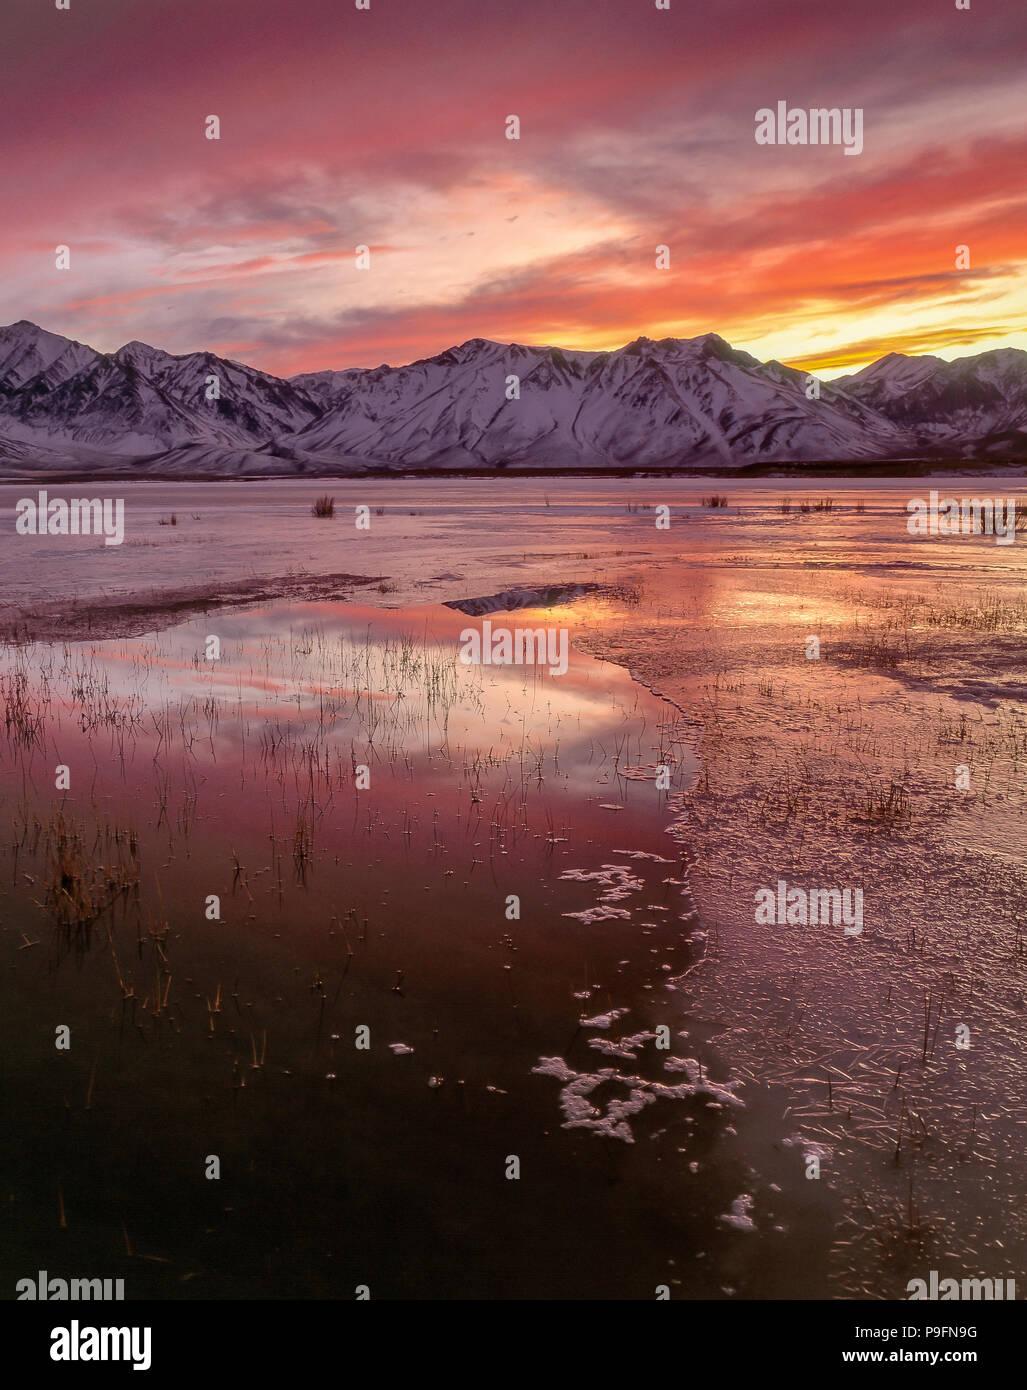 Sunset, Crowley, el lago, el Bosque Nacional Inyo, Sierra Oriental, California Imagen De Stock